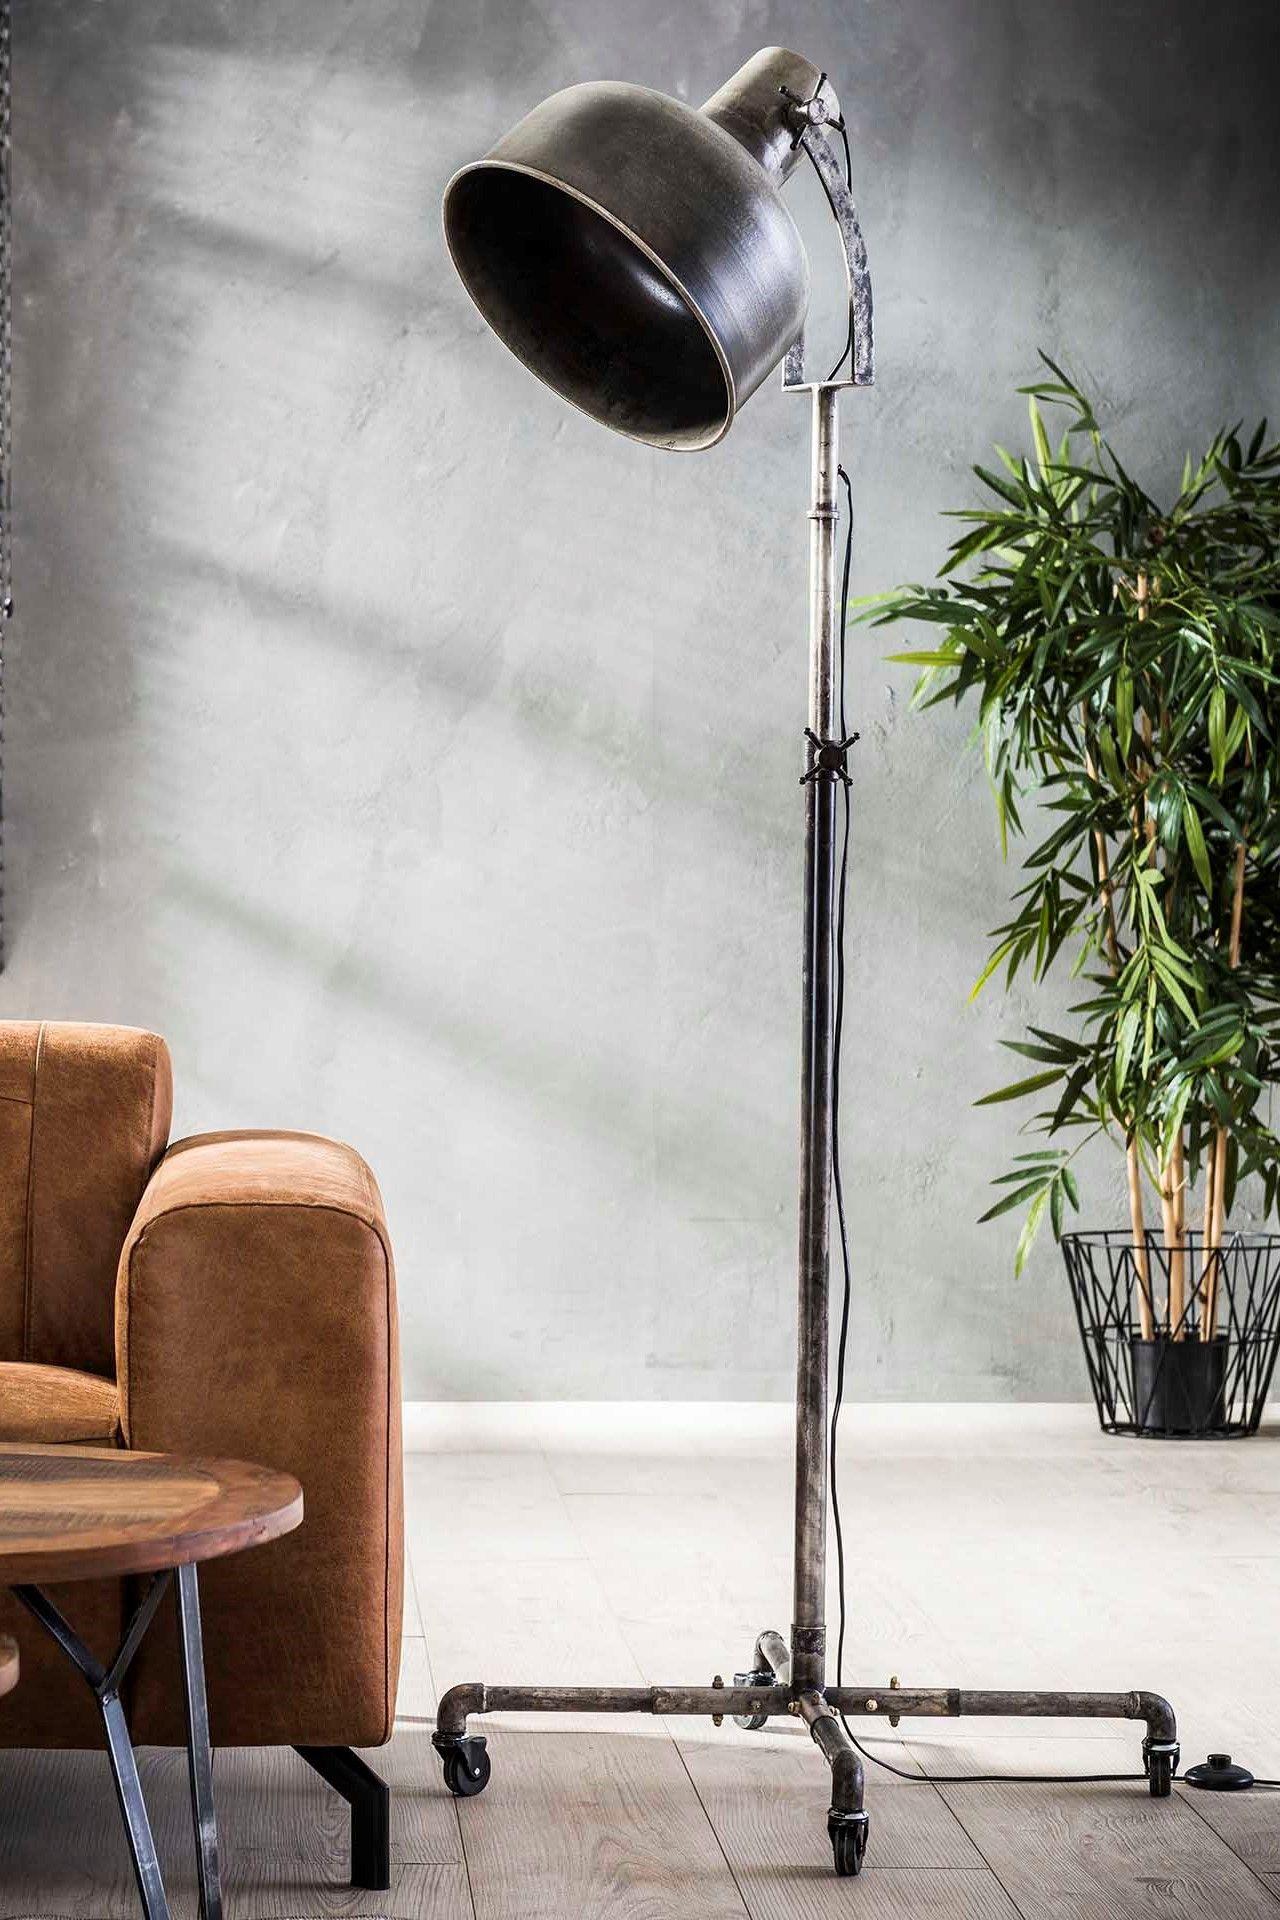 Stehlampe Wheel Wohnaura Lampen Design Einrichten Inneneinrichtung Interior Interiordesign Raumgestaltun Mit Bildern Stehlampe Lampen Lampen Und Leuchten